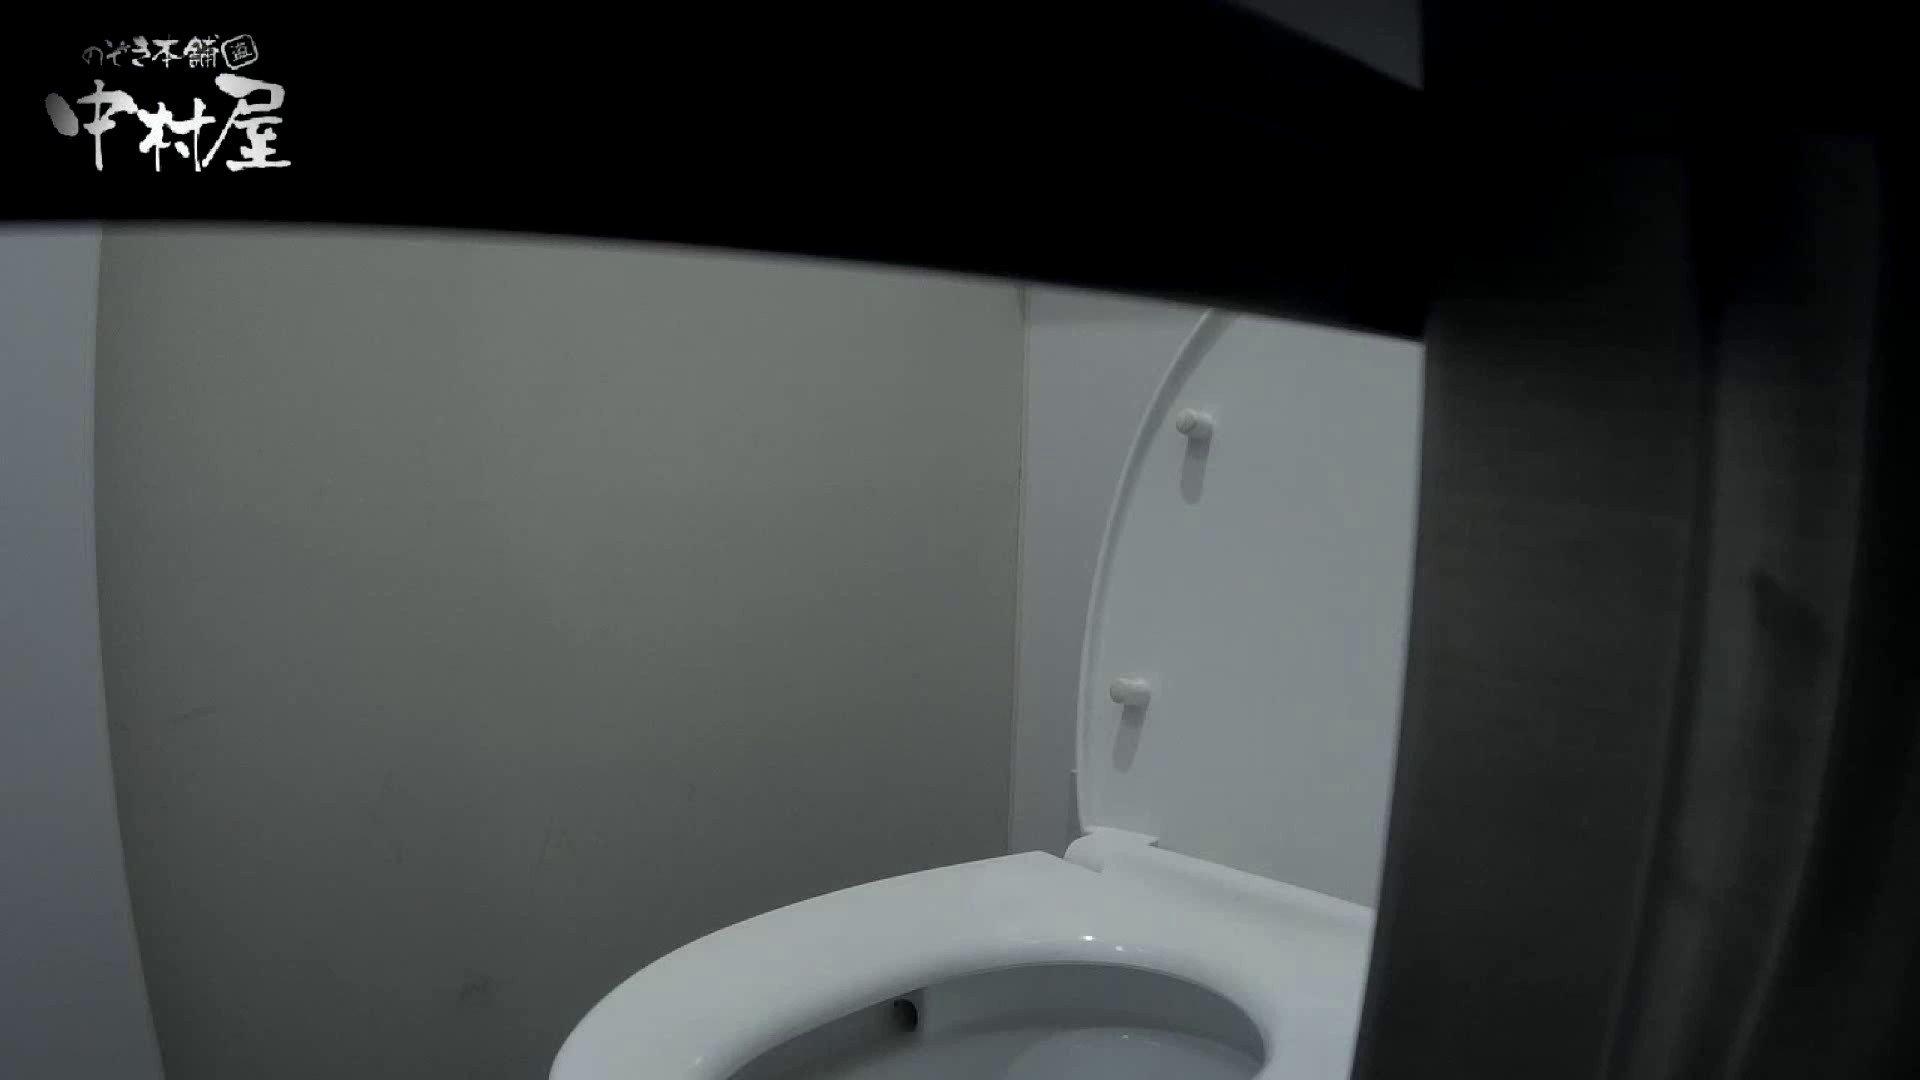 【某有名大学女性洗面所】有名大学女性洗面所 vol.40 ??おまじない的な動きをする子がいます。 洗面所突入 AV無料 91pic 28